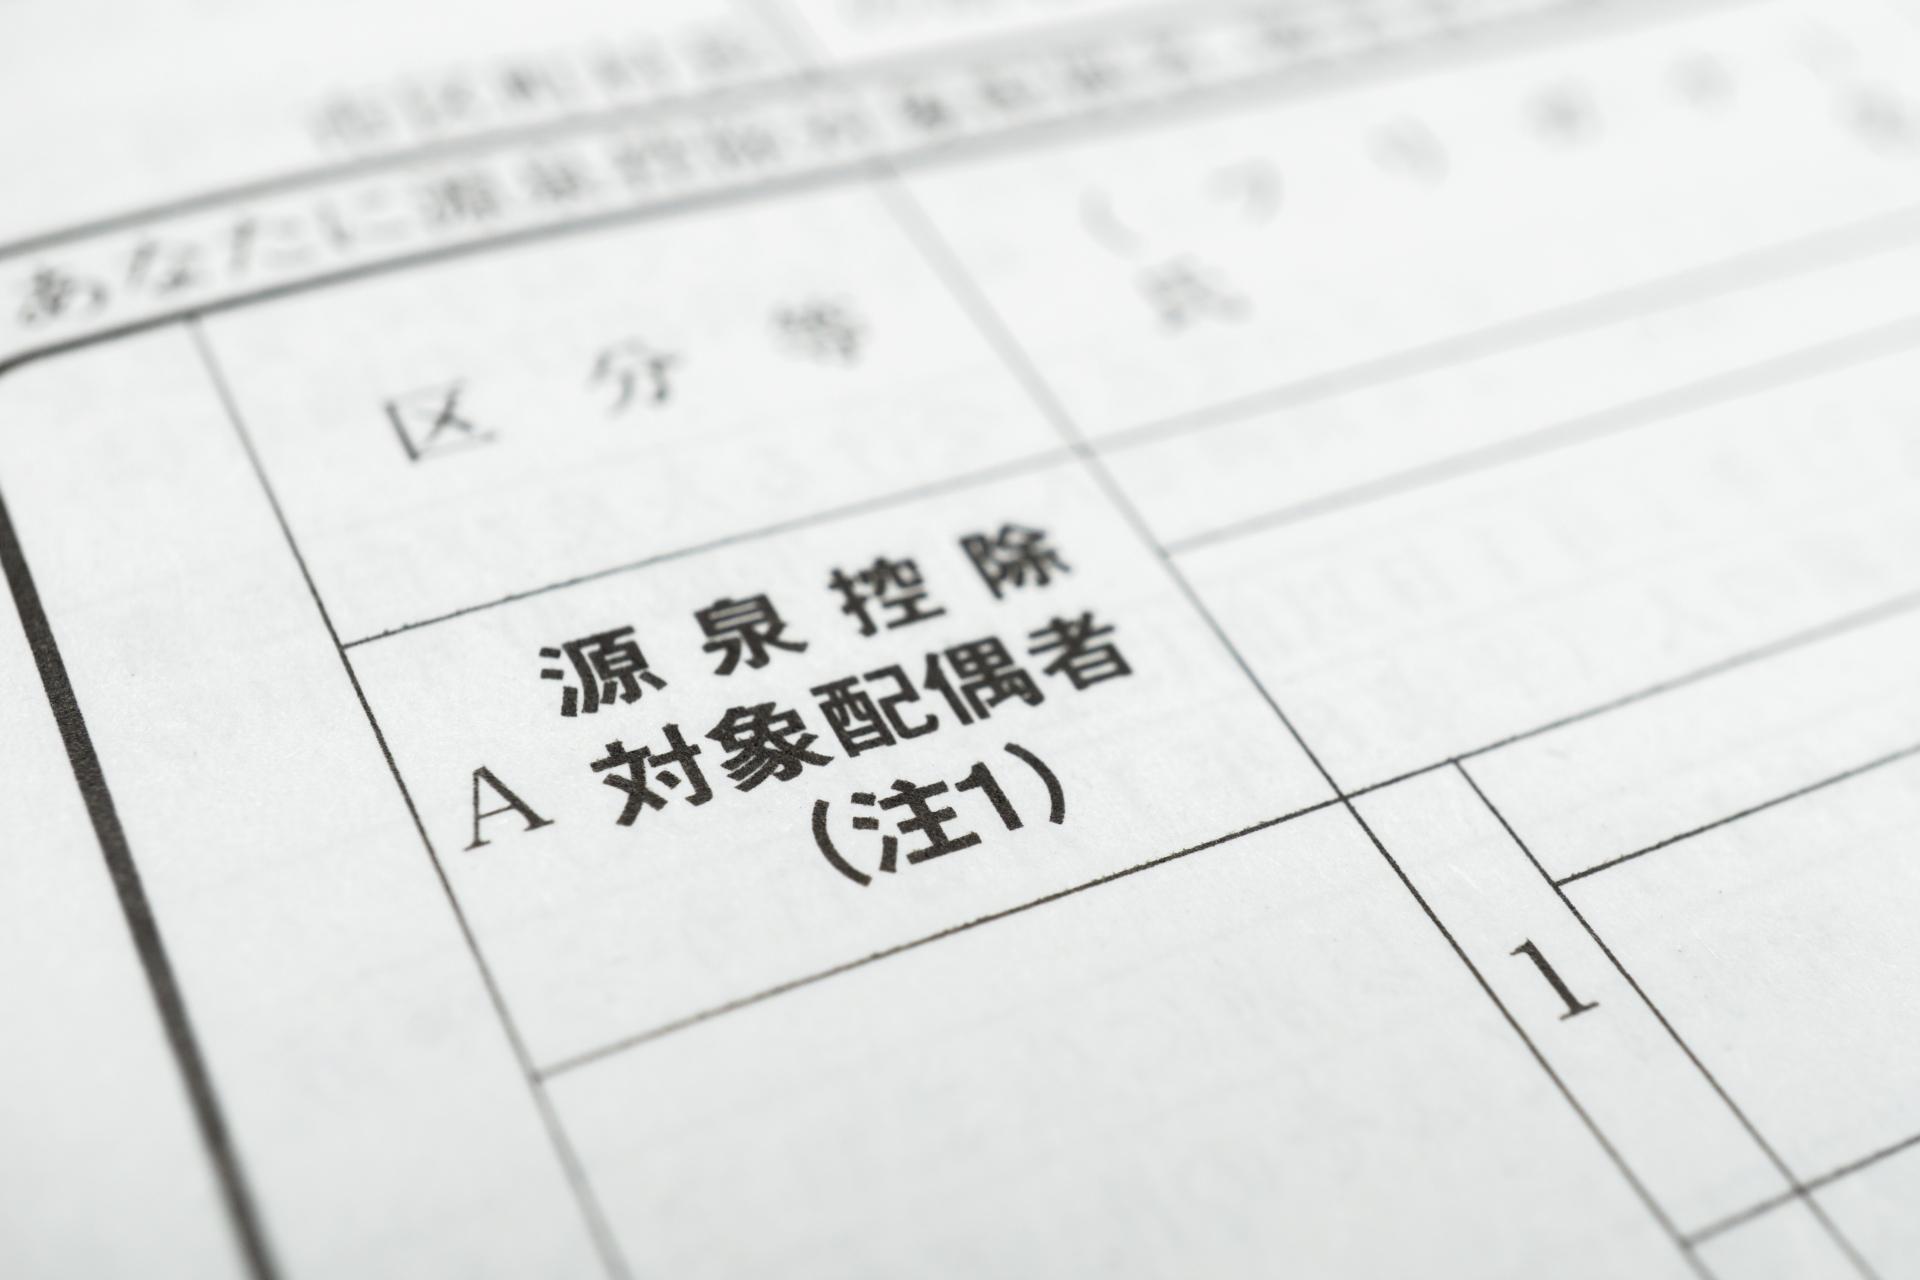 配偶 者 控除 と は 相続税の配偶者控除とは? 計算方法と注意点